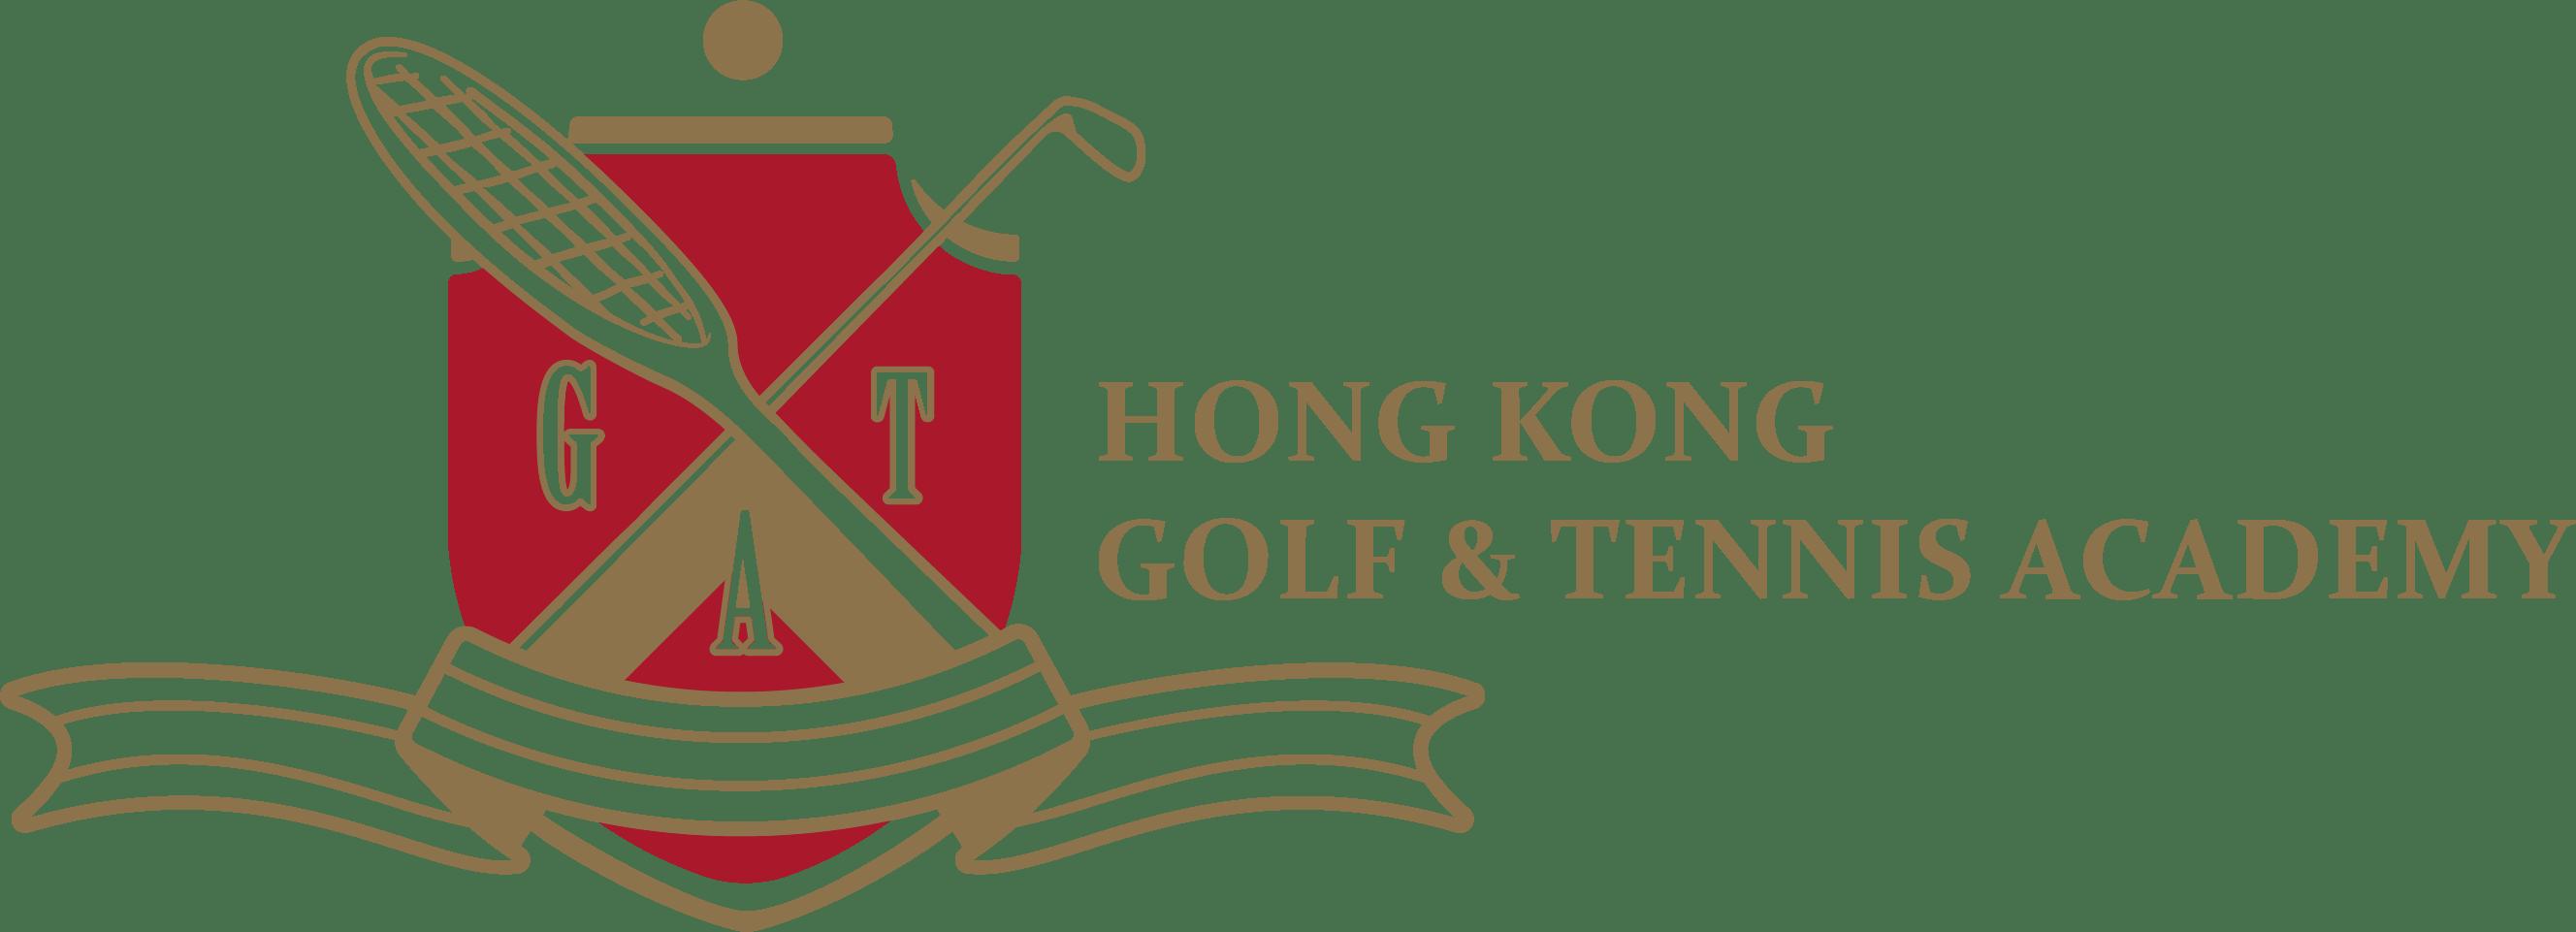 Hong Kong Golf and Tennis Academy